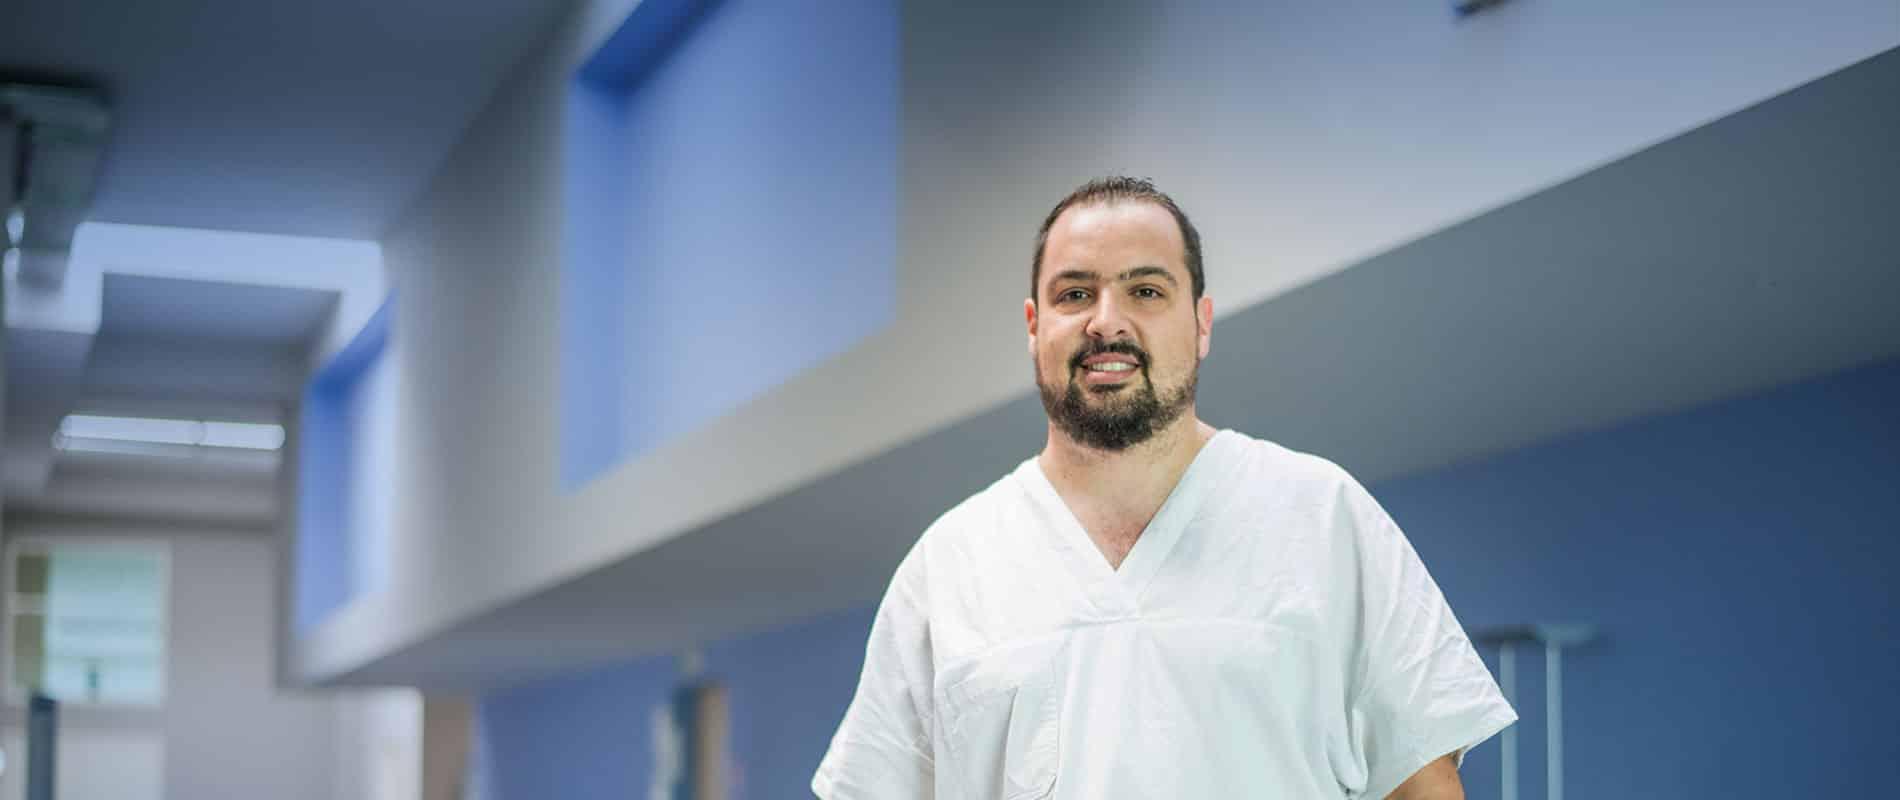 Dott. Francesco Conton